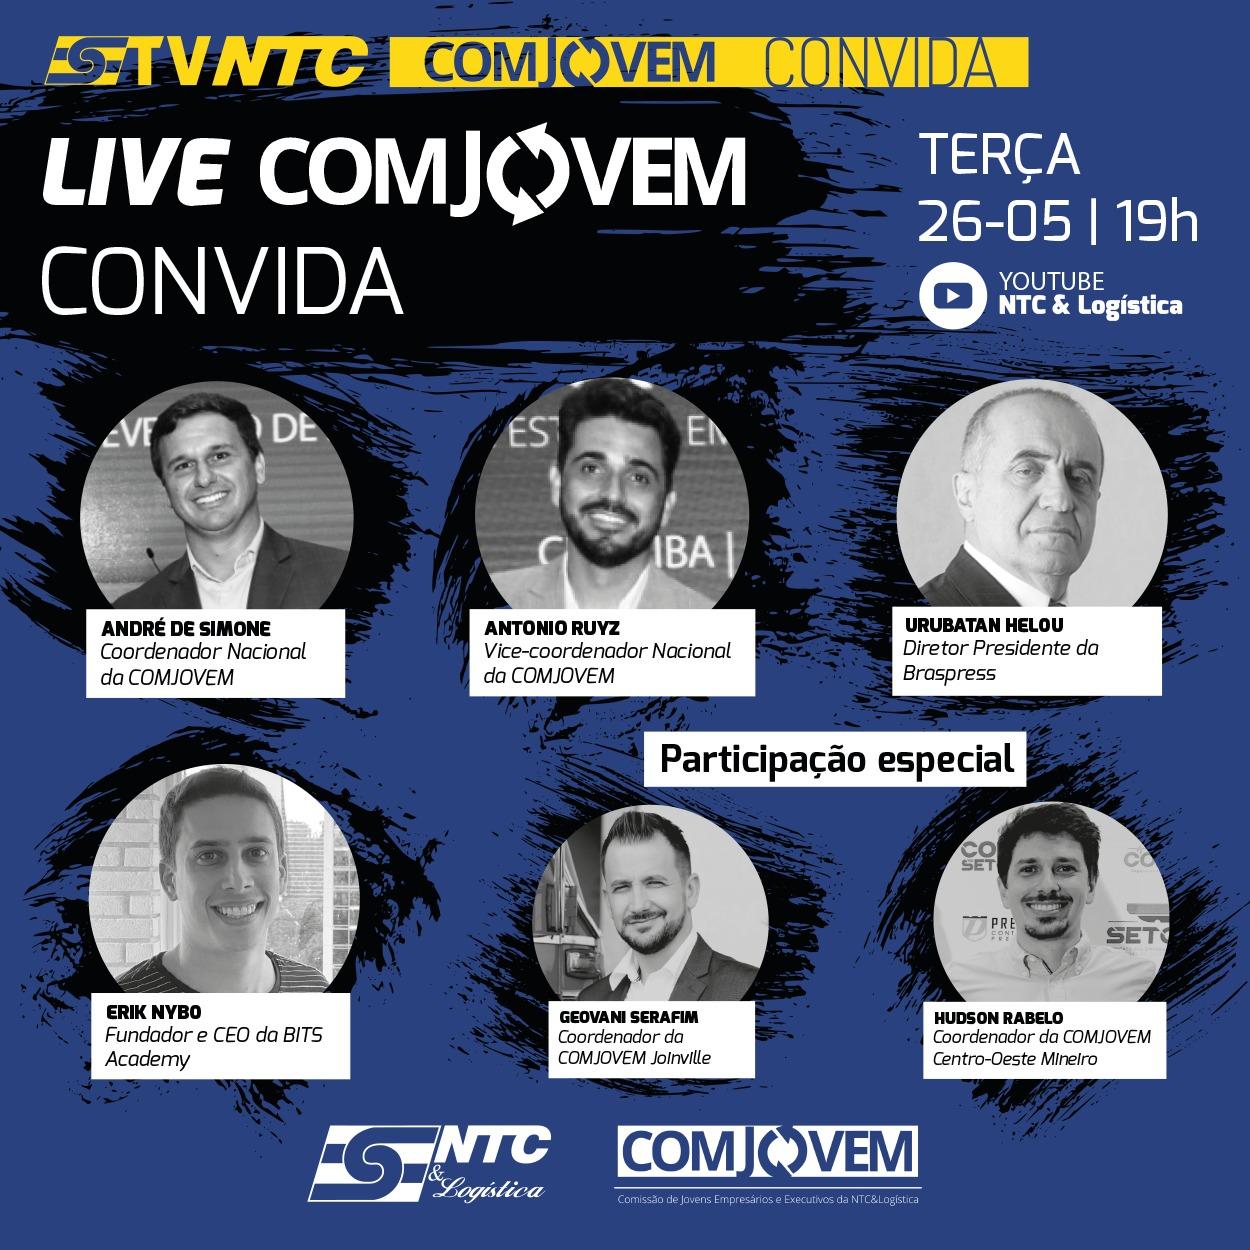 Pesquisa de Impacto no TRC e 'COMJOVEM Convida' hoje na TV NTC